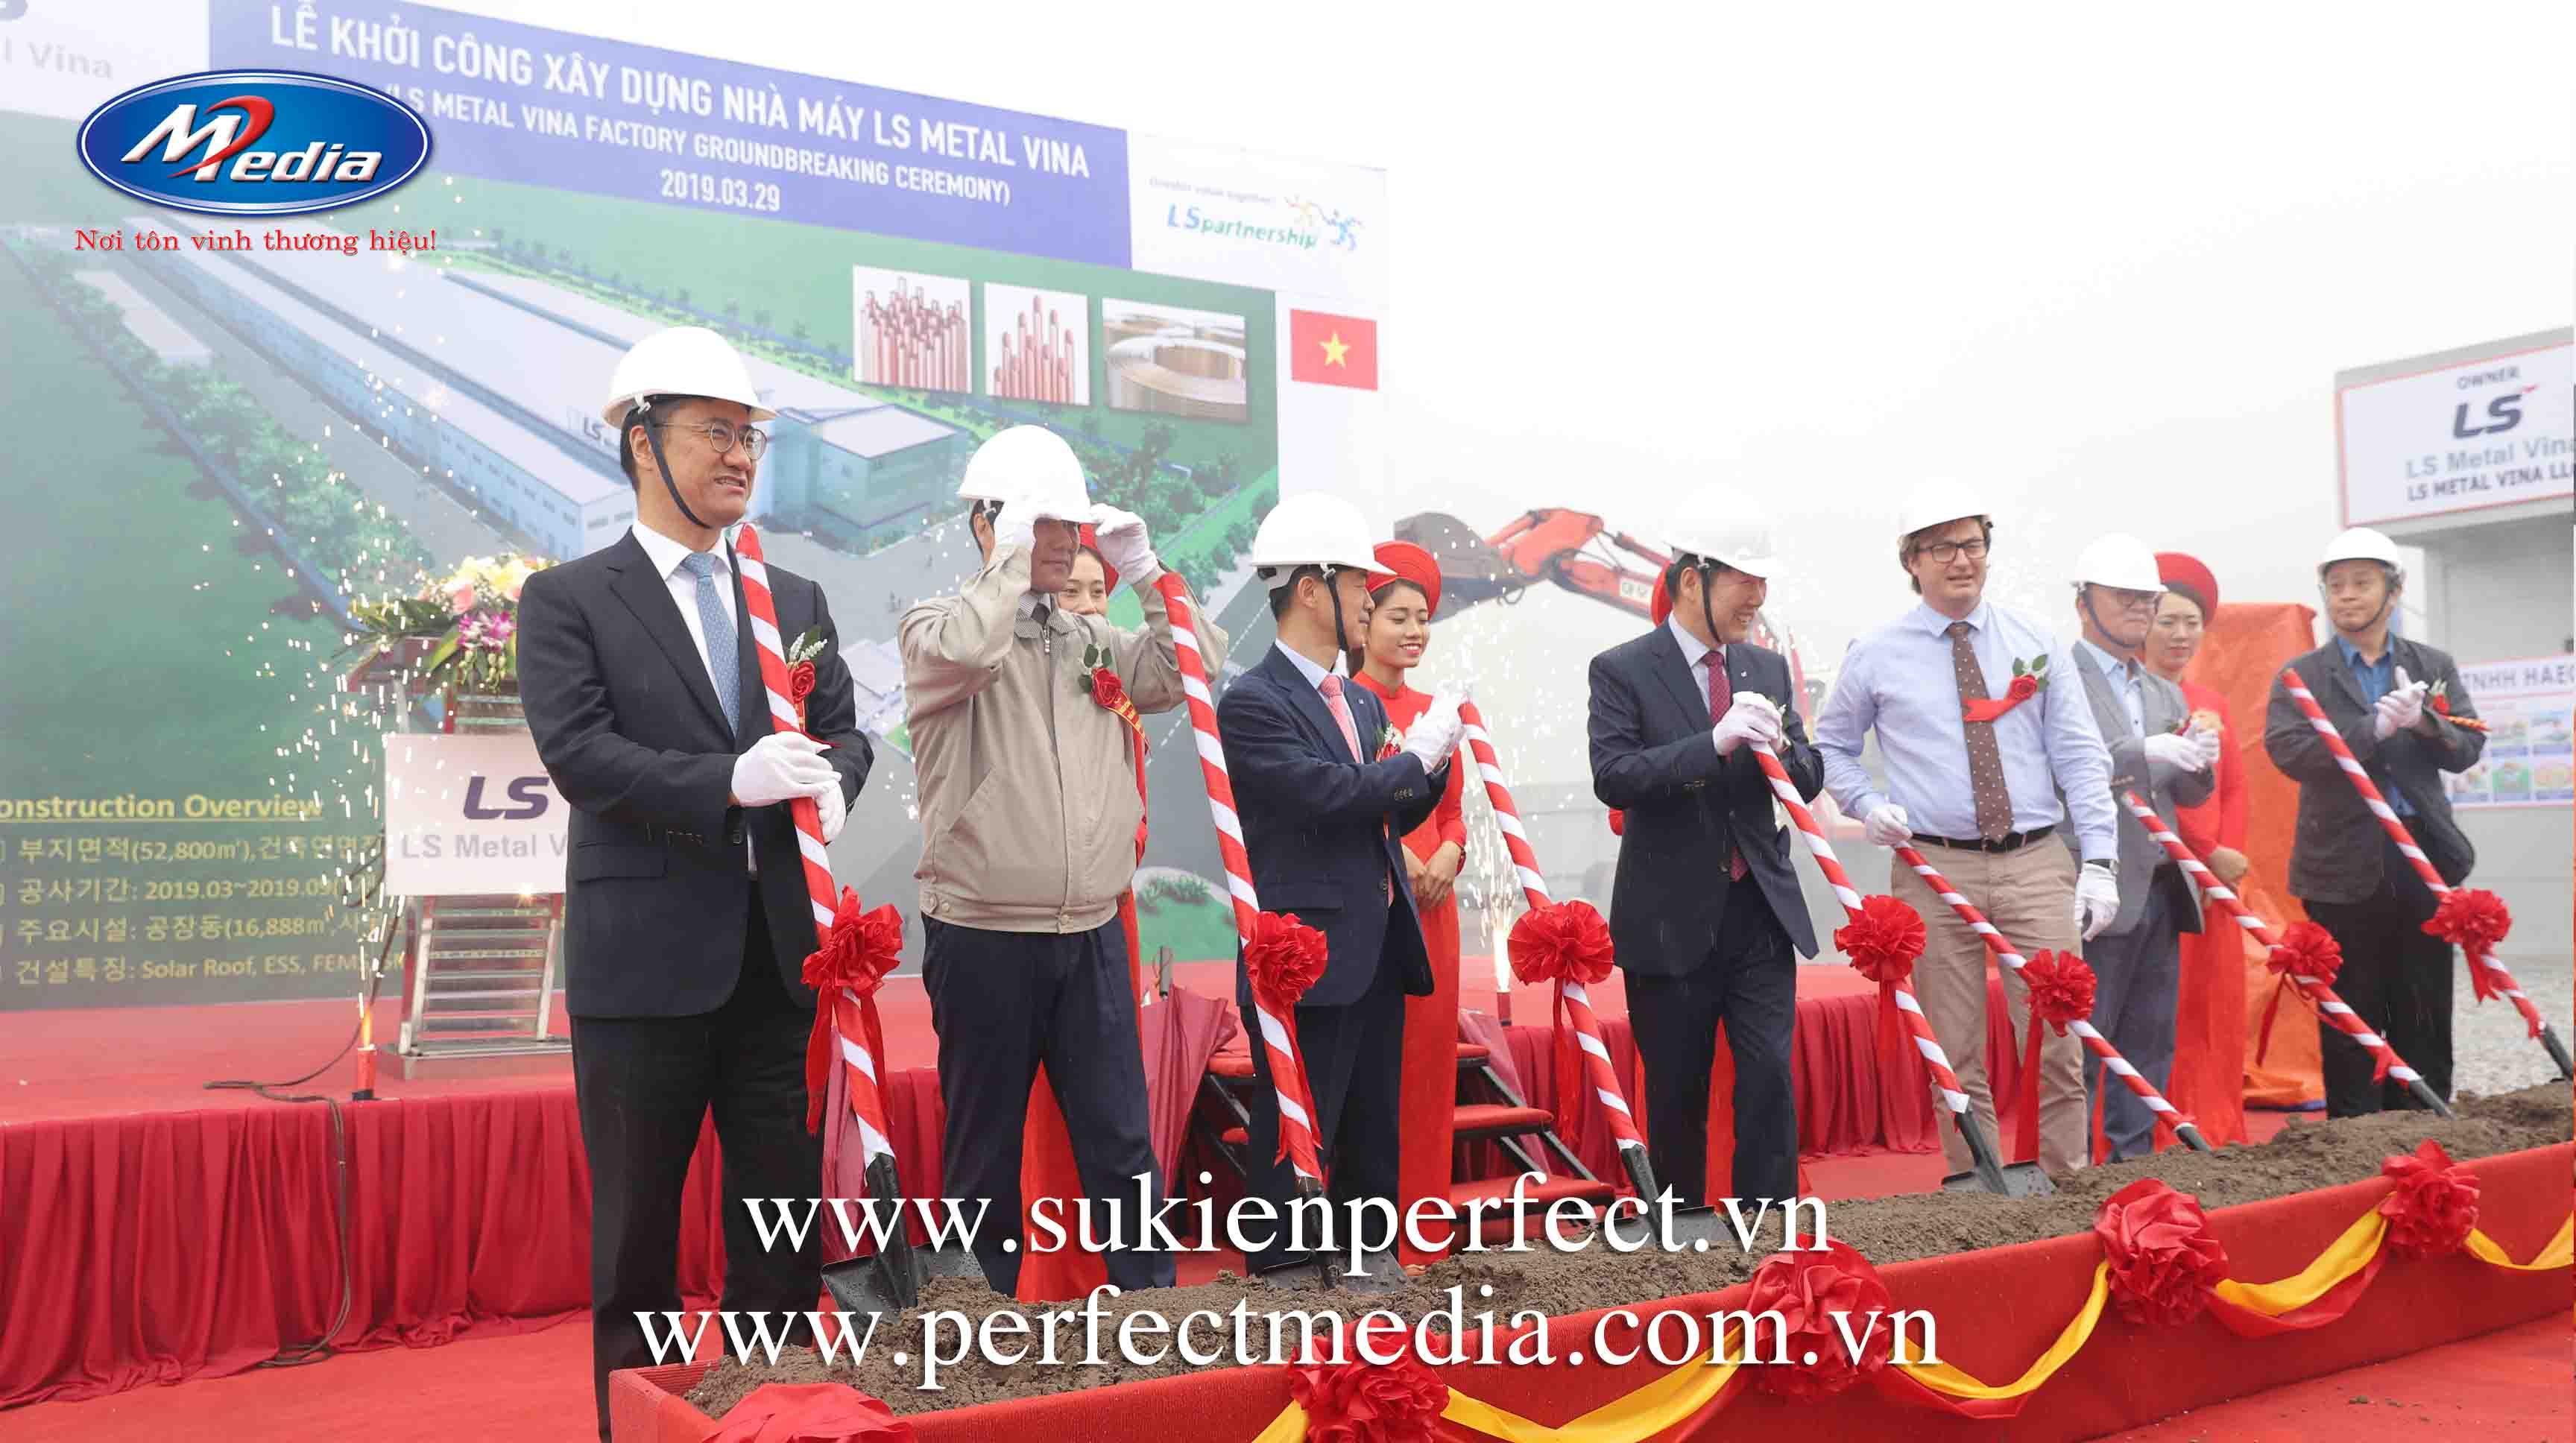 công ty Perfect Media cung cấp để tổ chức Lễ khởi công, động thổ tại Hạ Long, Quảng Ninh